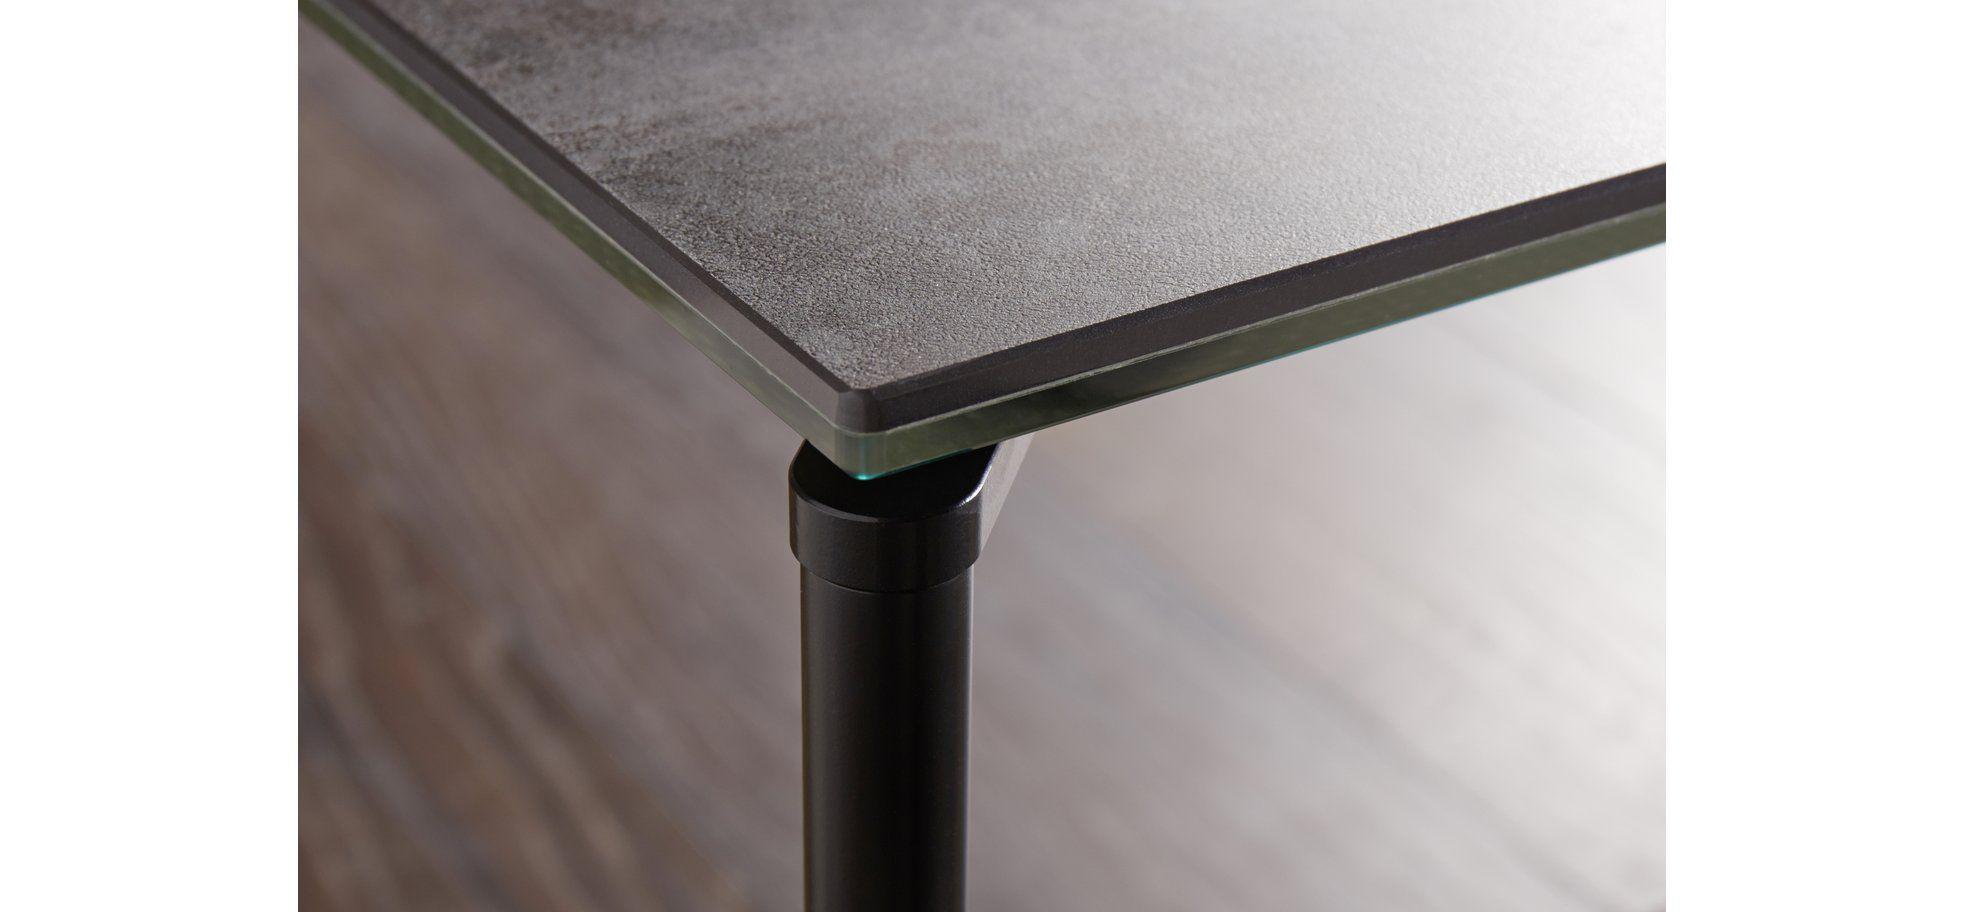 Rechteckiger Couchtisch Global Cambra Mit Kermiktischplatte Krause Home Company In 2020 Couchtisch Tisch Mobelstuck